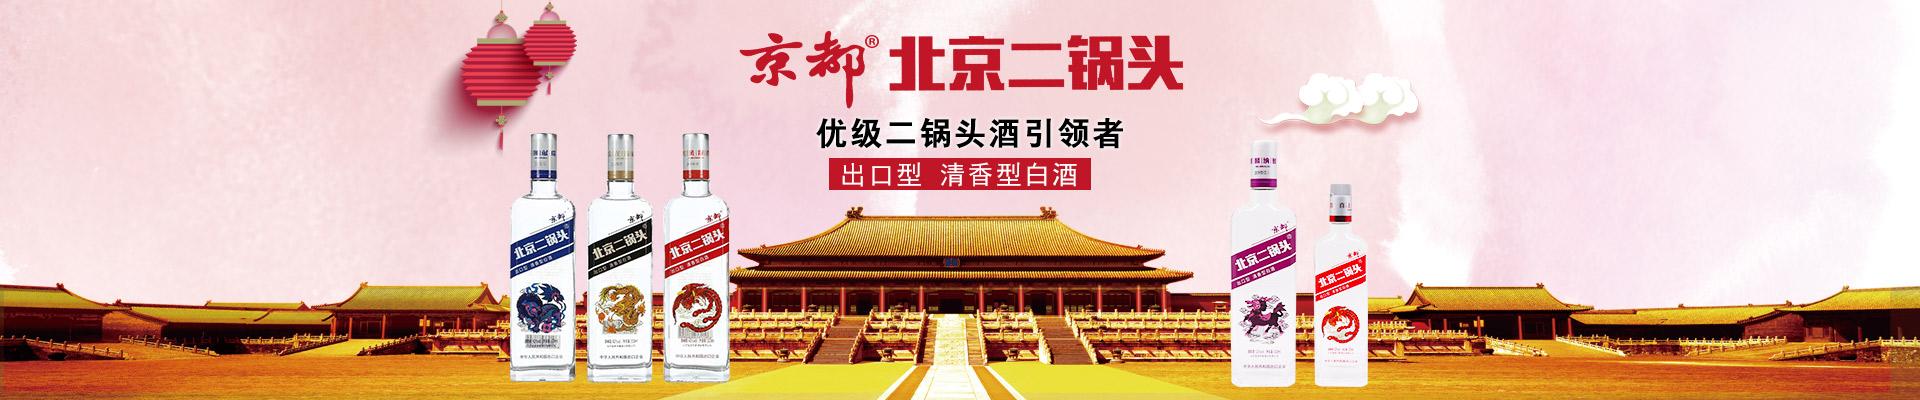 京都出口型北京二锅头全国招商